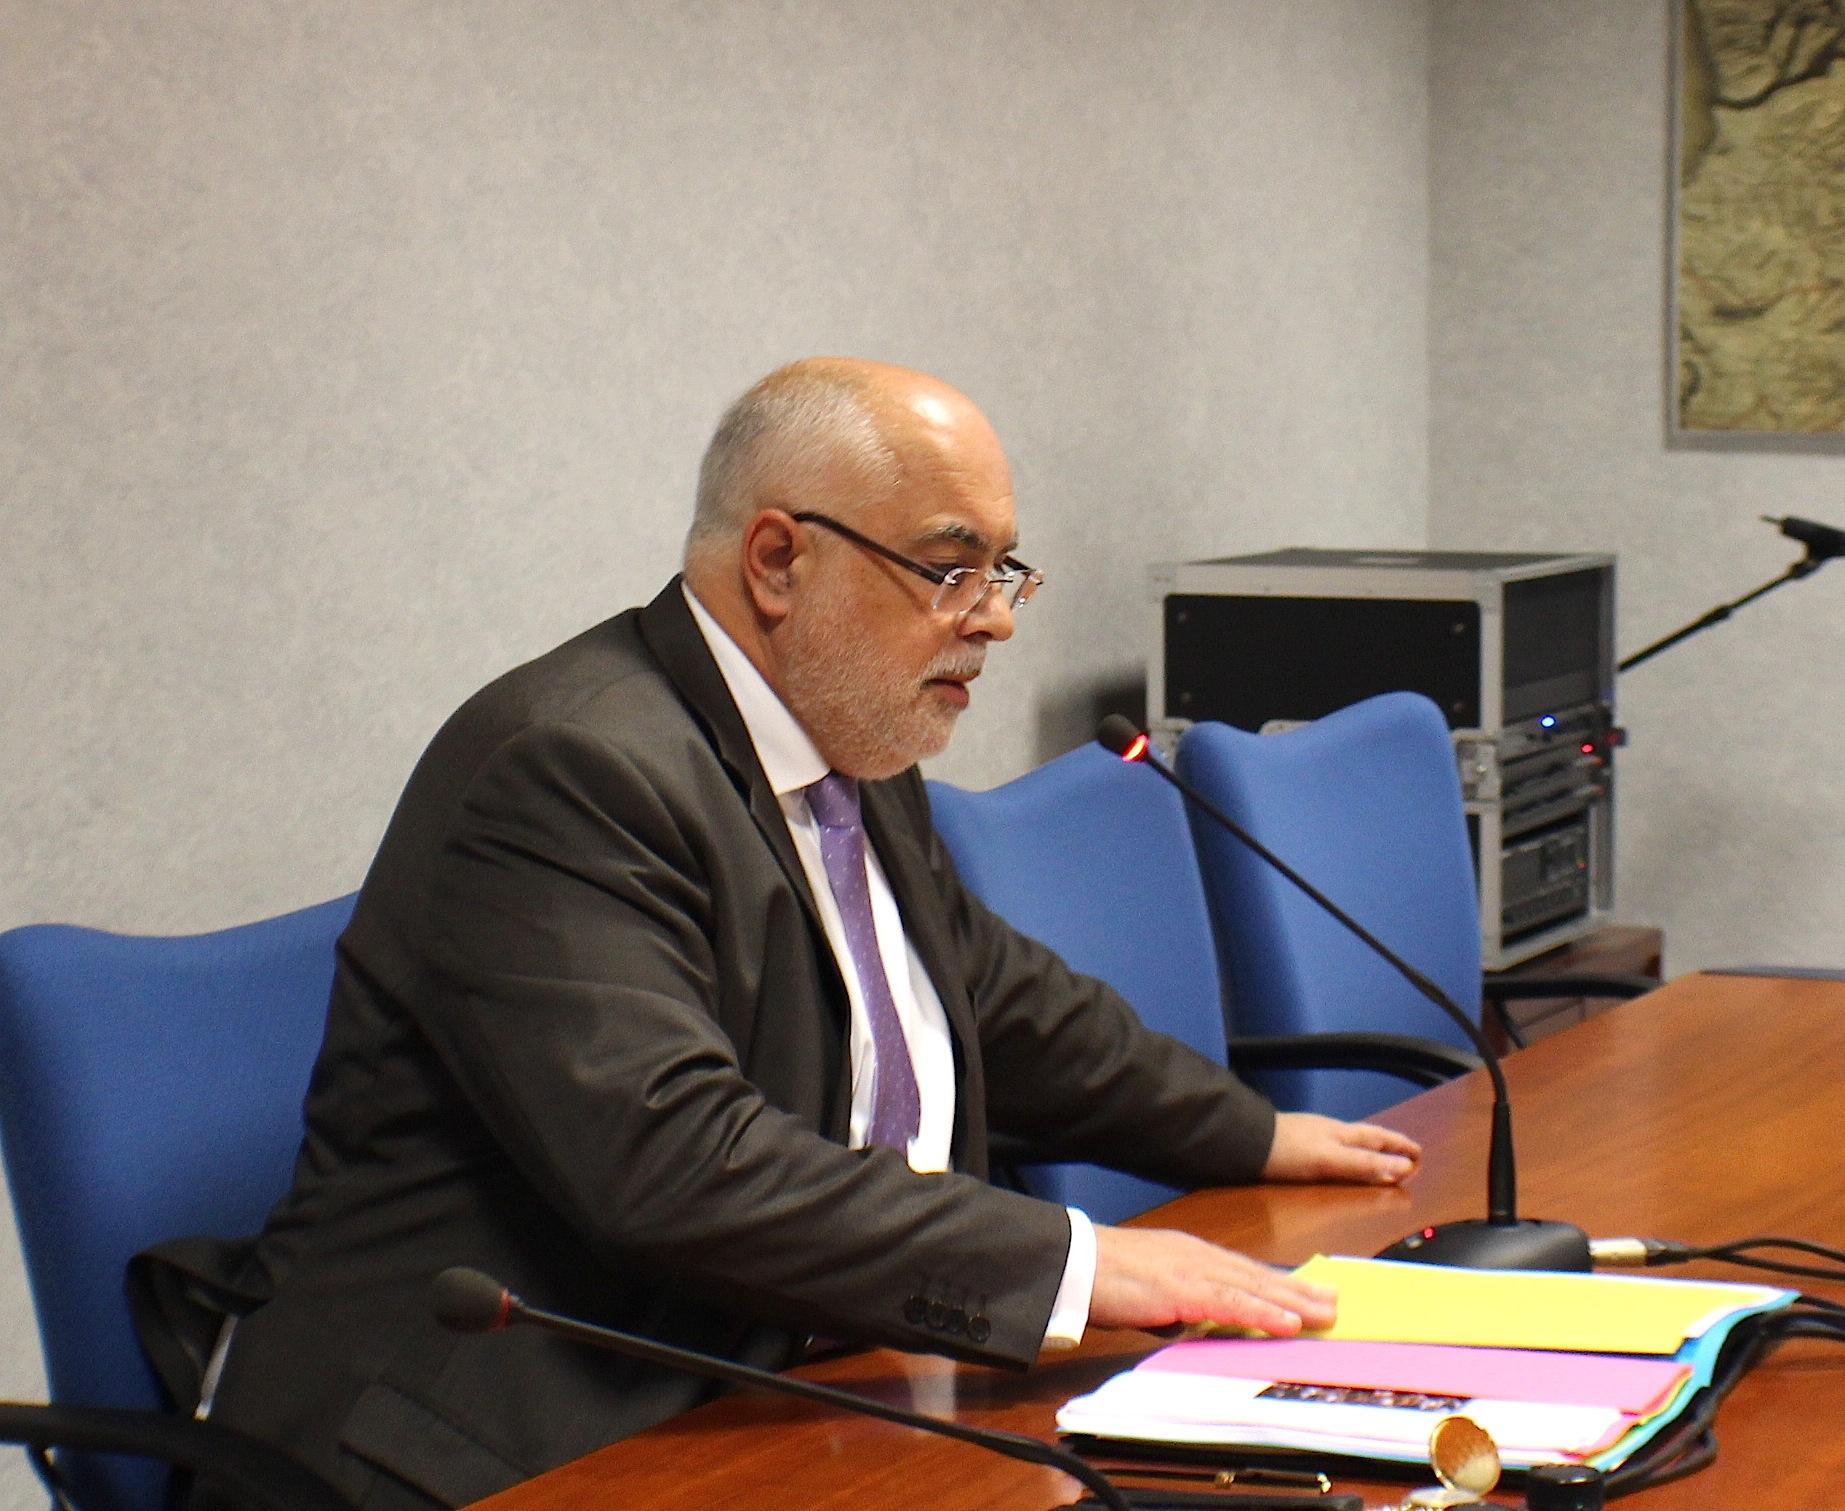 Jacques Delmas, président de la chambre régionale des comptes. Il a animé la réunion en compagnie de Michel Carles, procureur financier, et de Frédérique Colin et Etienne Erasismus,  directeurs des finances publiques des deux départements insulaires.